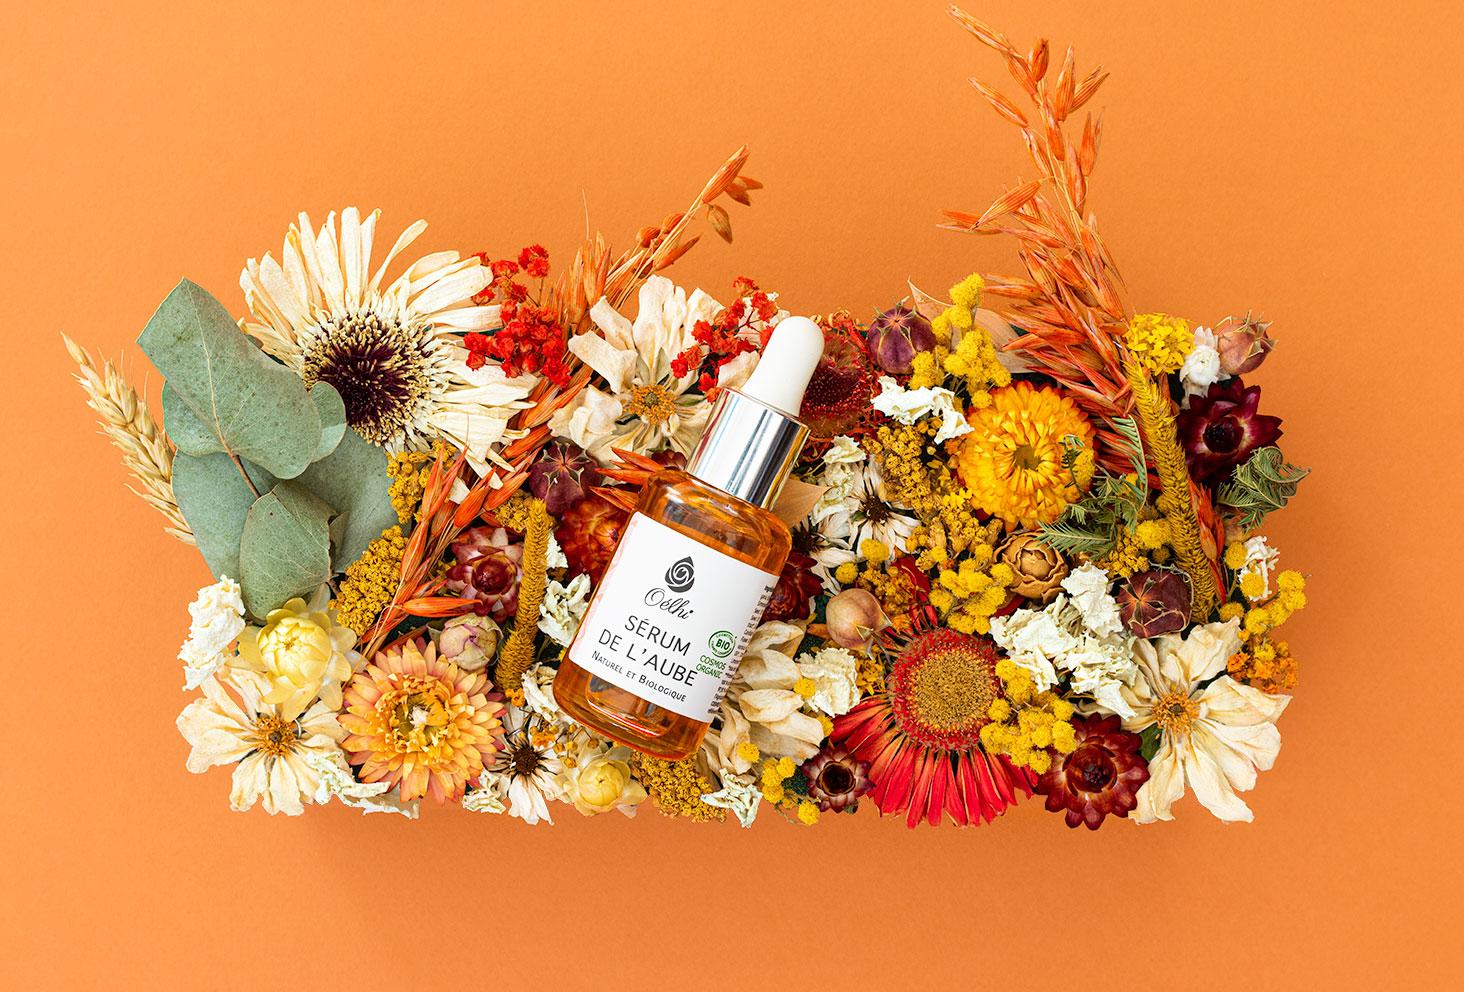 Zoom sur le sérum de l'Aube de la marque Oélhi, posé sur une composition de fleurs séchées orangées de le même couleur que le flacon